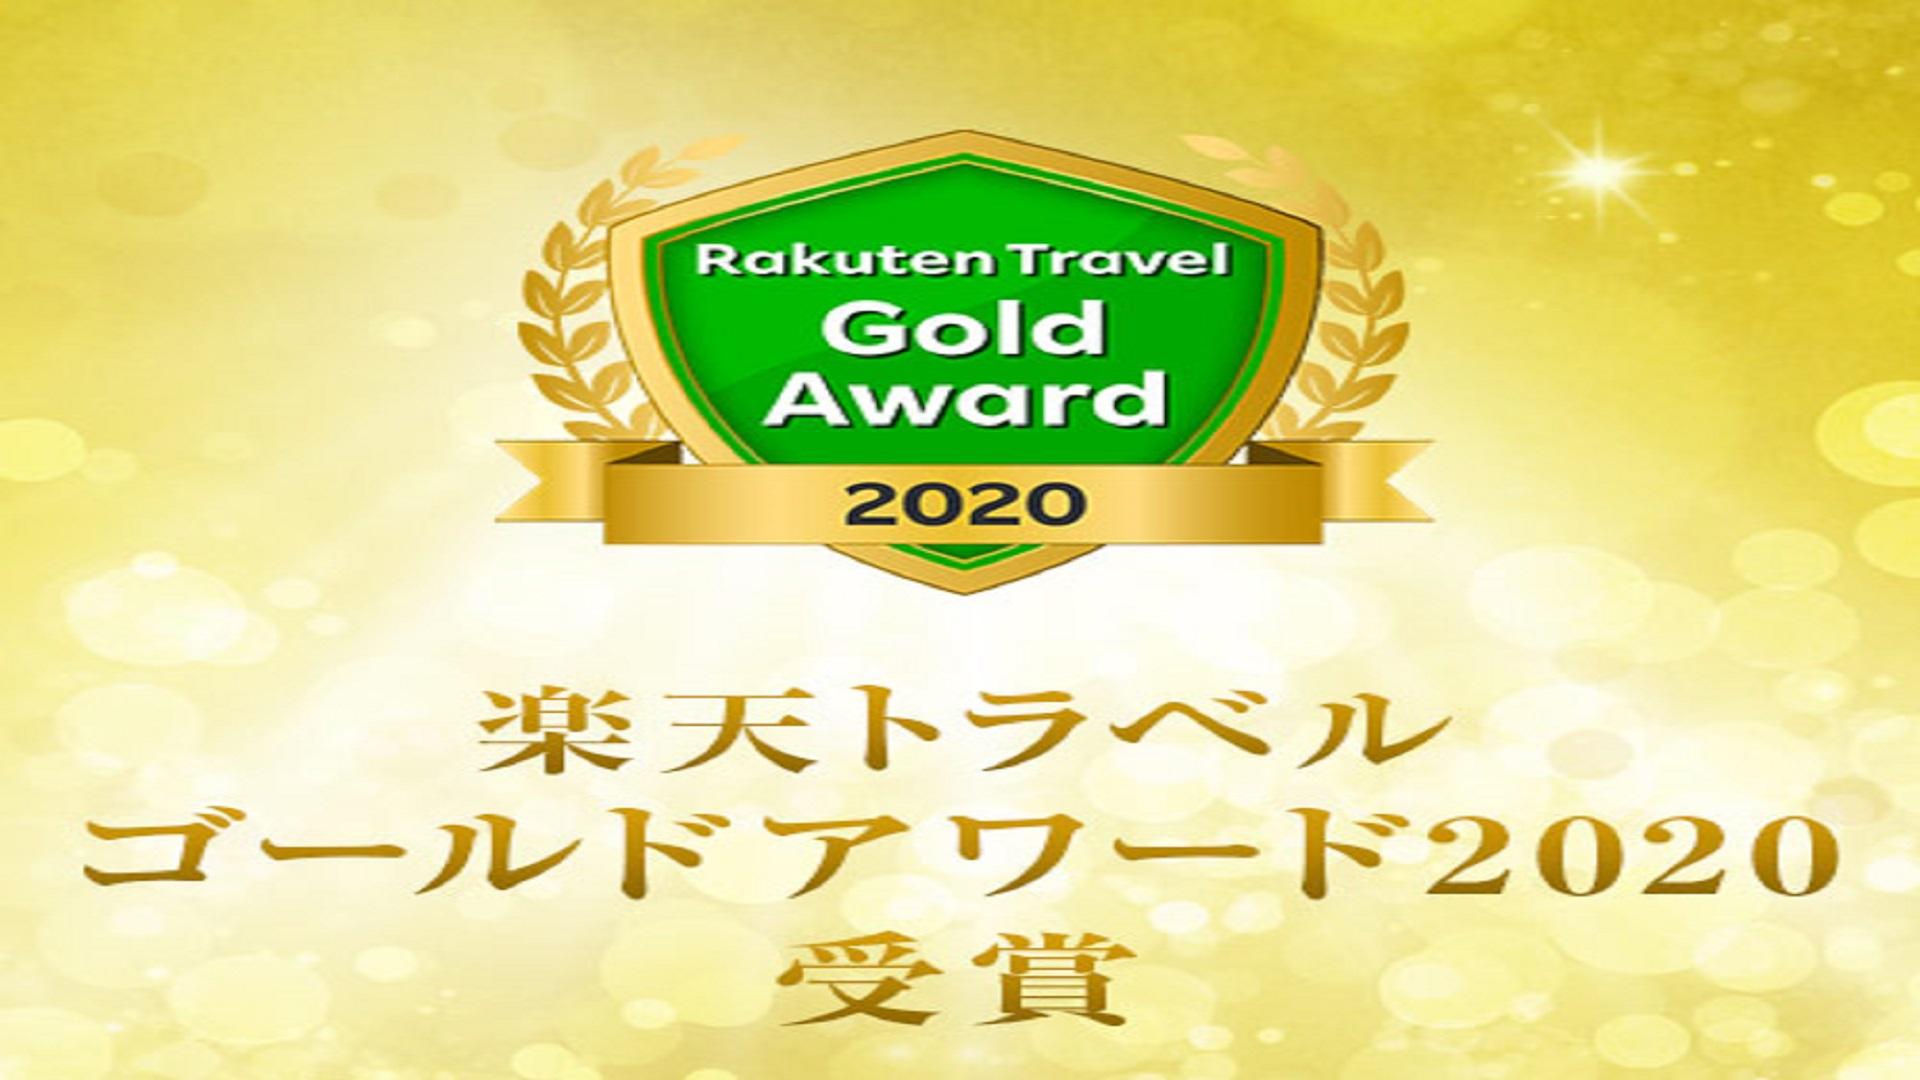 楽天トラベル ゴールドアワード2020 受賞